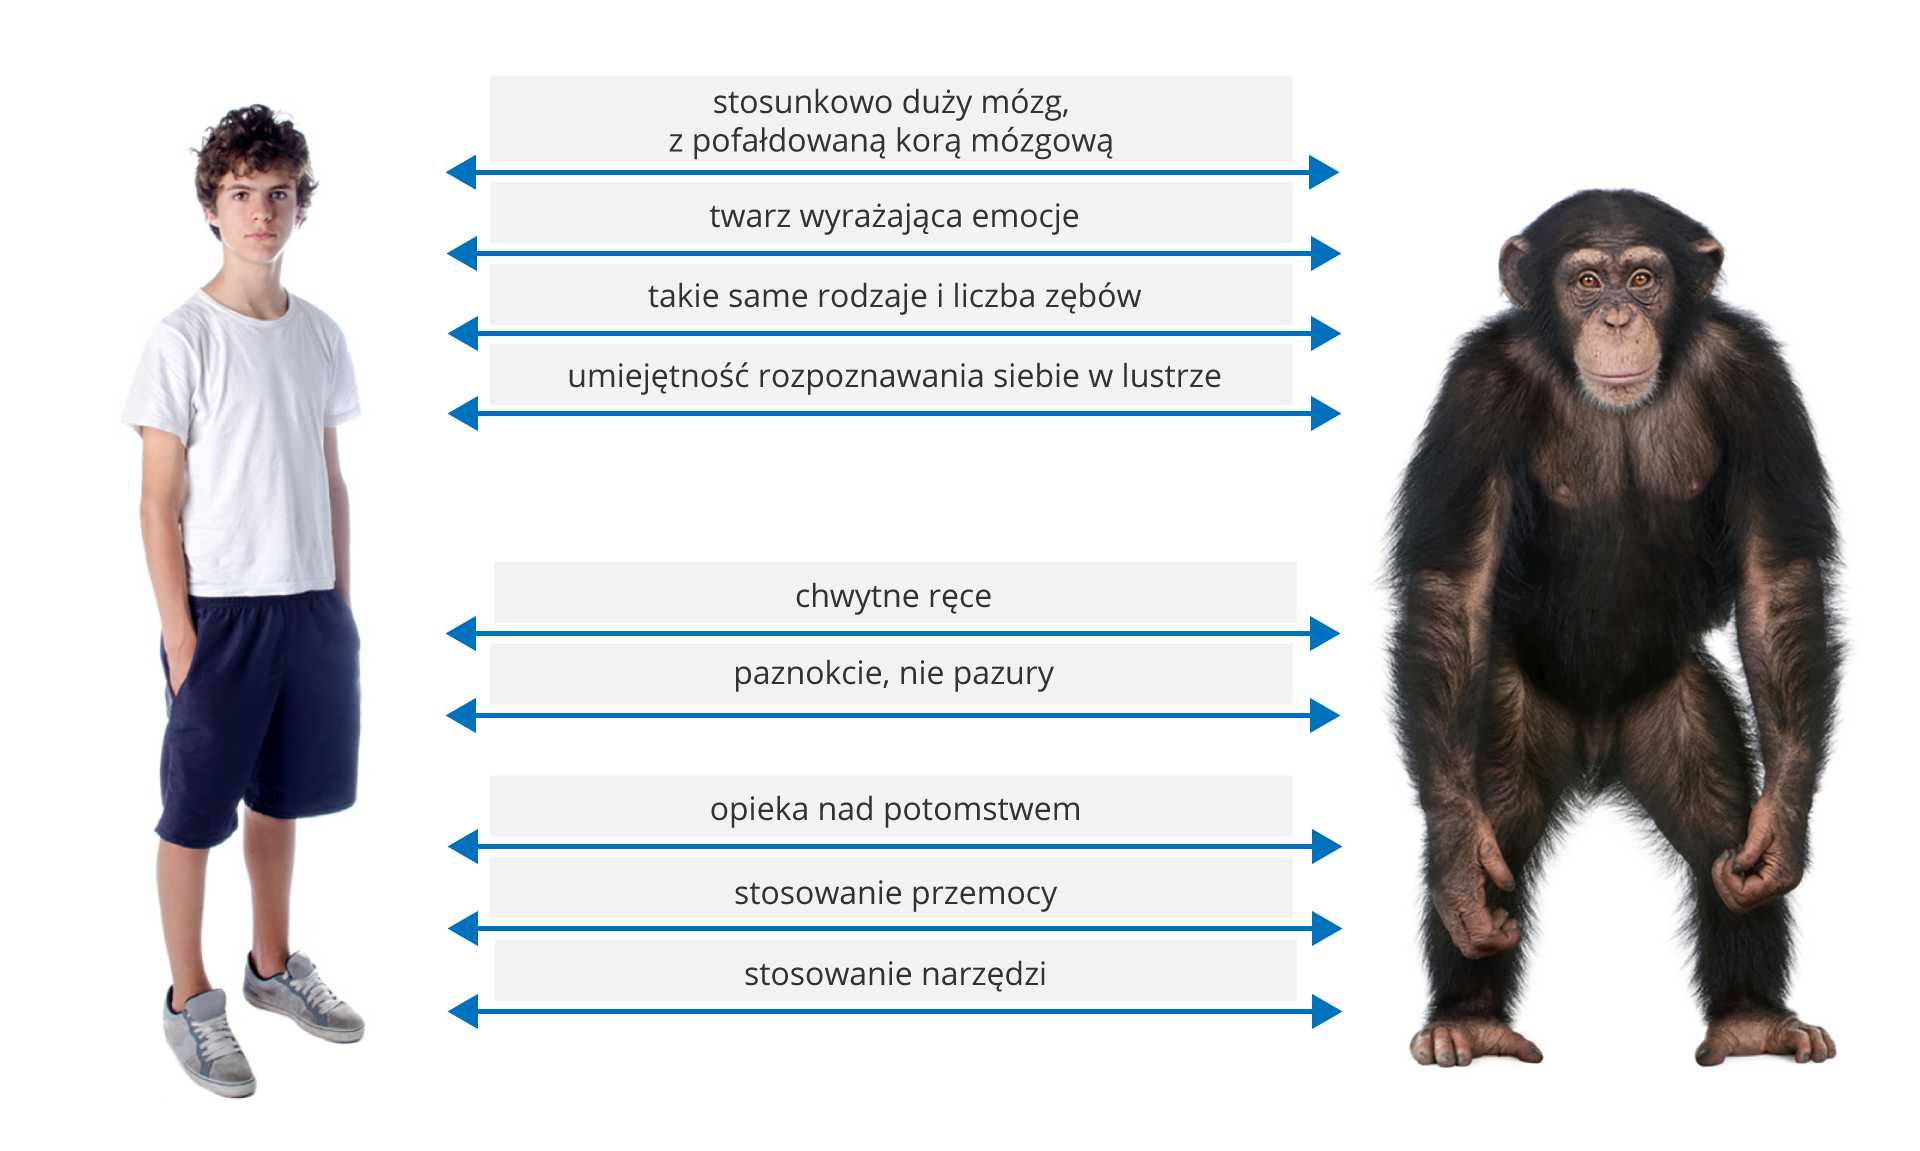 Ilustracja przedstawia zlewej fotografię chłopca wstroju sportowym, zprawej fotografię czarno owłosionego szympansa. Pomiędzy nimi znajdują się niebieskie linie ze strzałkami, wskazujące podobieństwa pomiędzy człowiekiem amałpą. Od góry: stosunkowo duży mózg zpofałdowaną korą mózgową. Niżej: twarz wyrażająca emocje, takie same rodzaje iliczba zębów, rozpoznawanie siebie wlustrze. Dalej: chwytne dłonie ipaznokcie, anie pazury. Na końcu cechy: opieka nad potomstwem, stosowanie przemocy, używanie narzędzi.